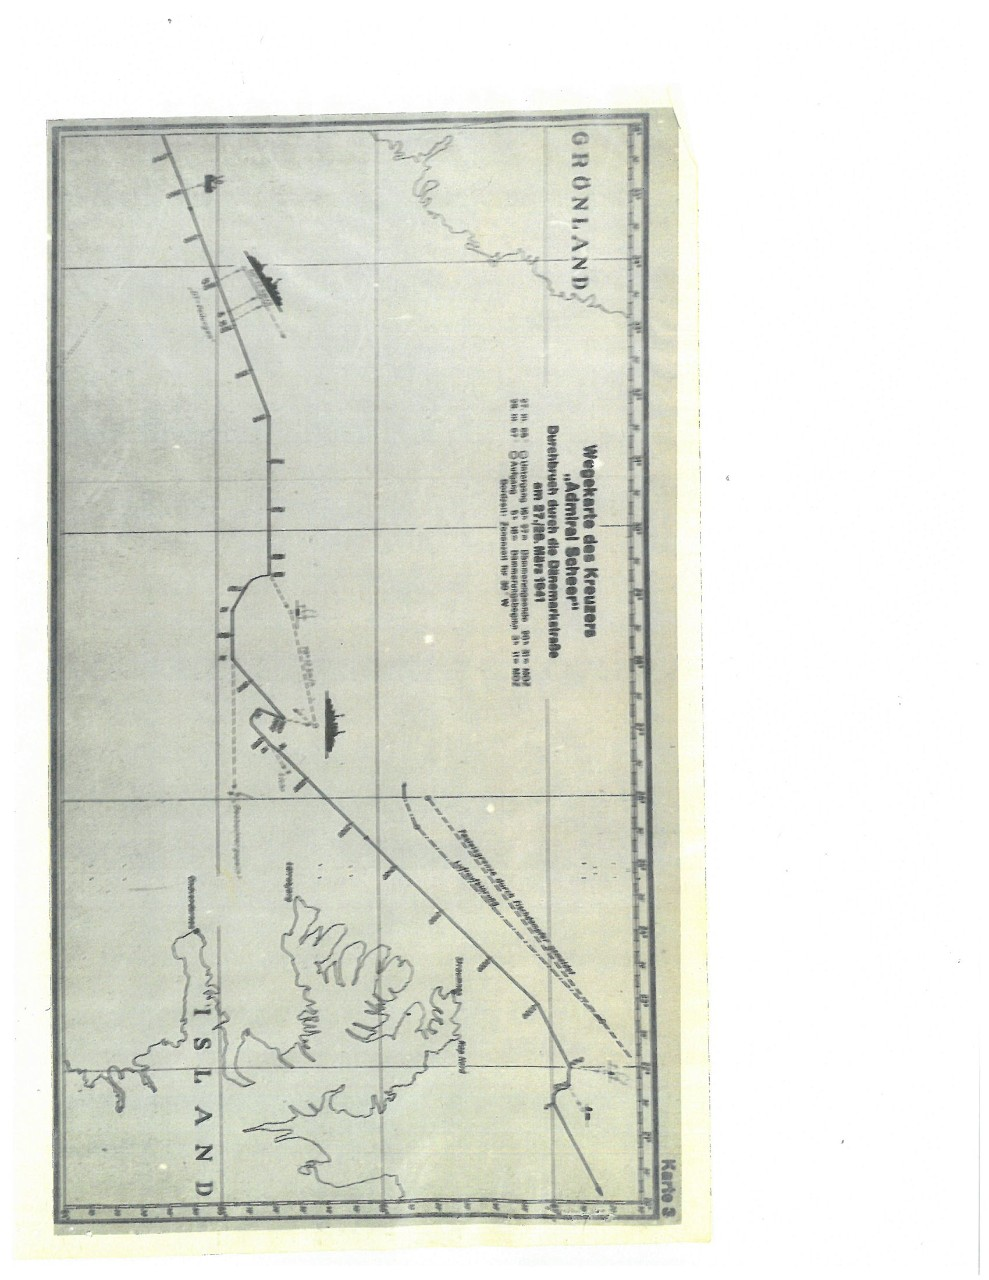 Operation Of The Admiral Scheer 3300 International Fuse Box Diagram Admiralscheerimage1